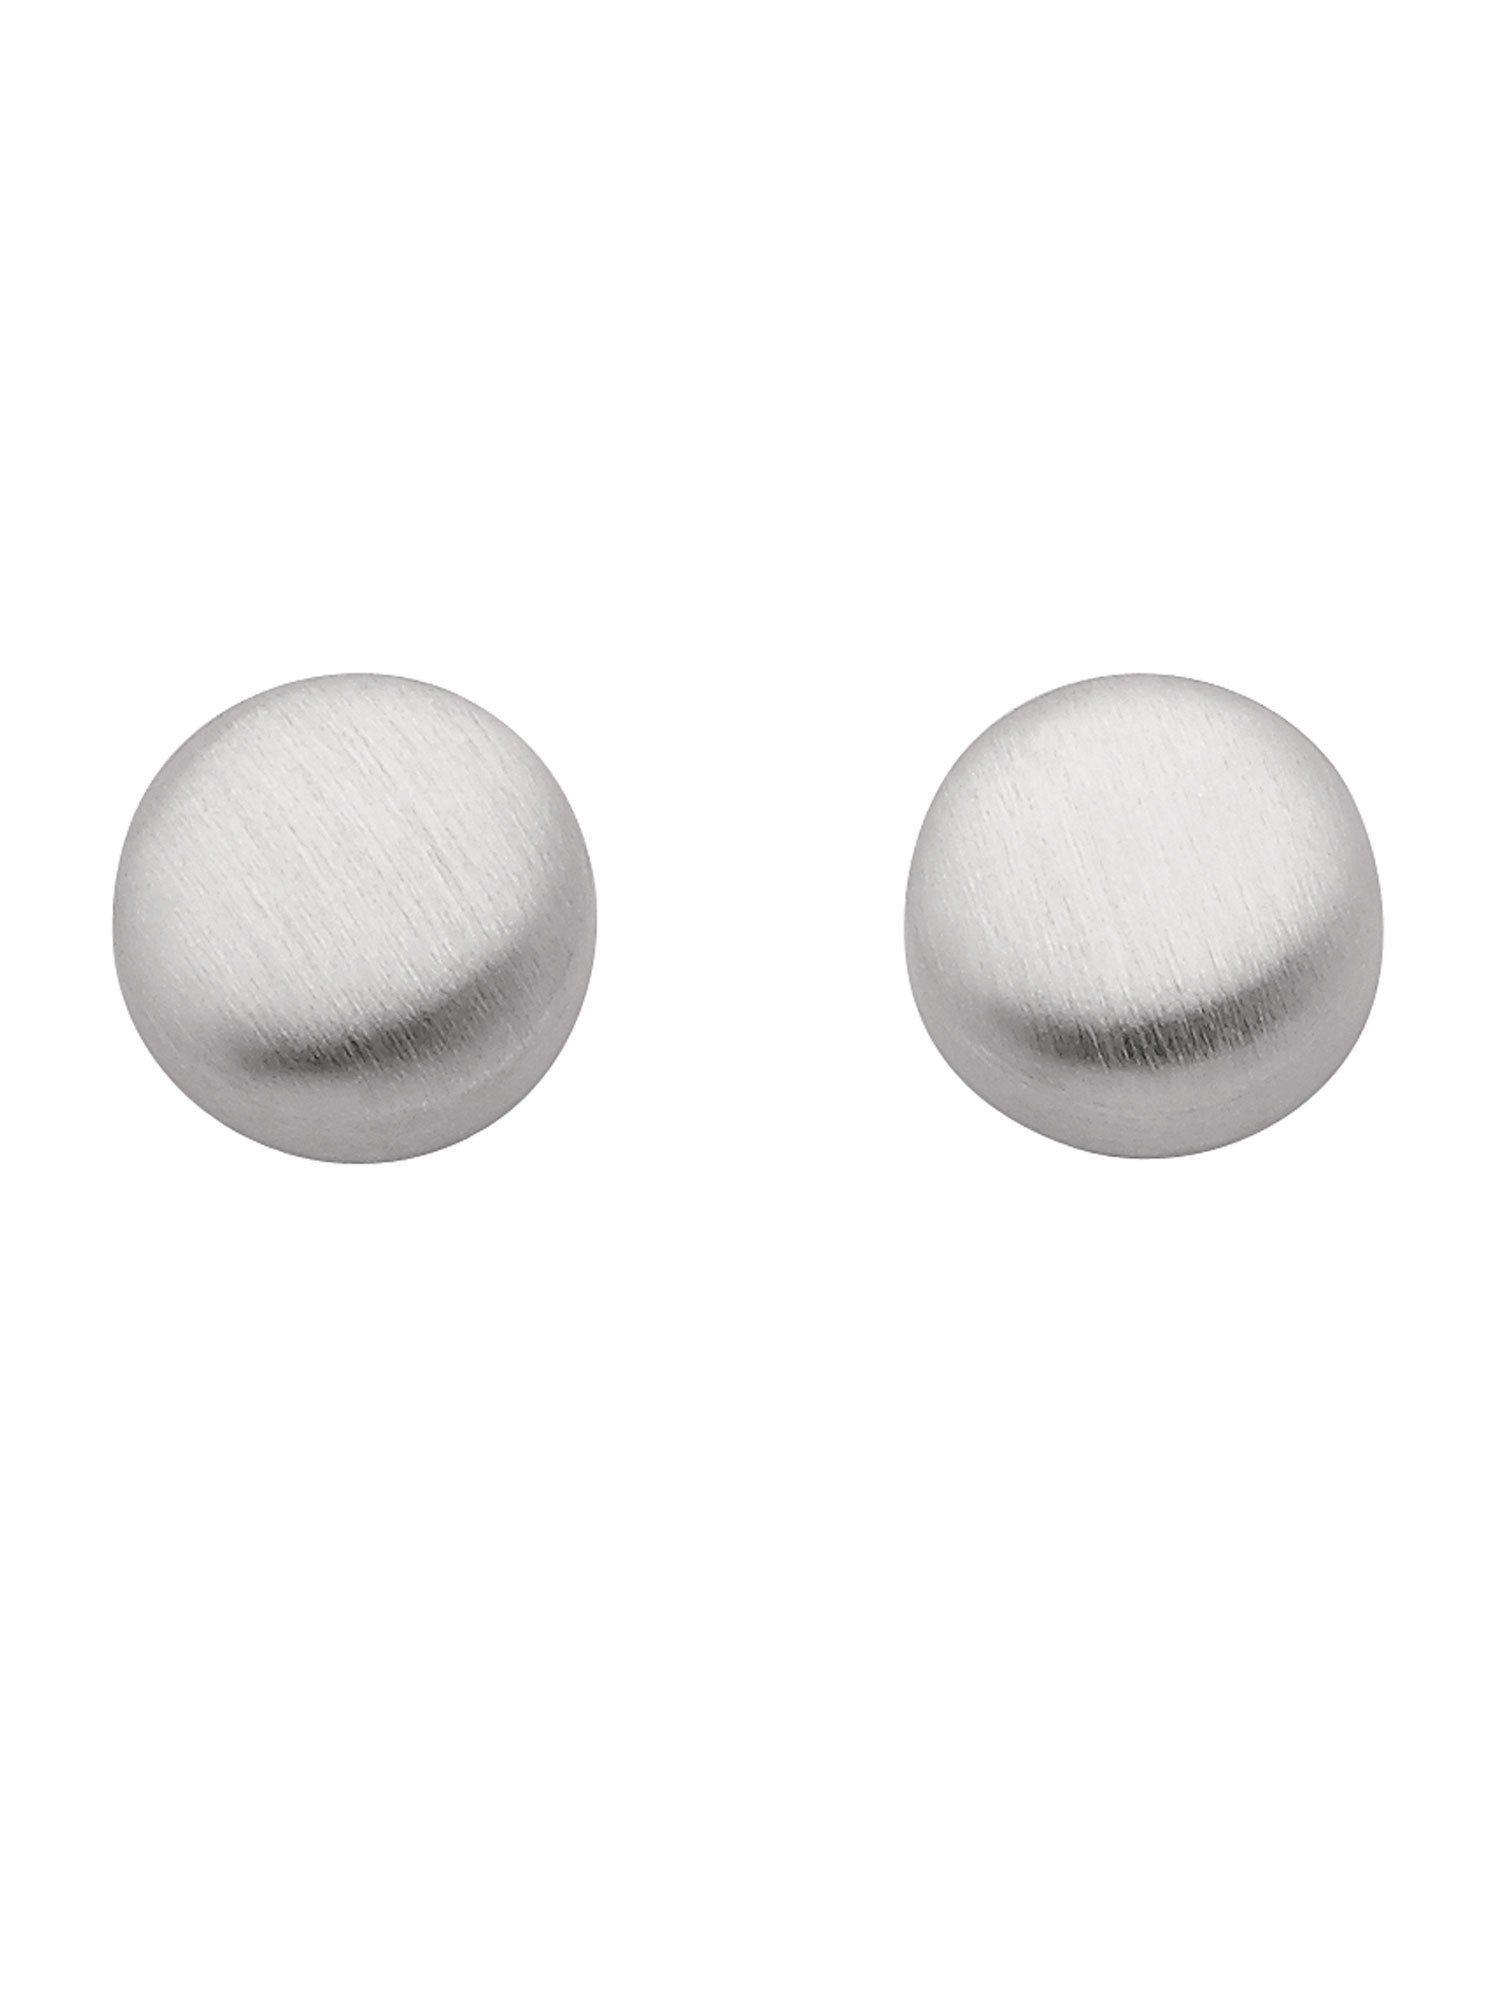 Silber Ø 4 Kaufen Silver Paar Sterling »silber Ohrstecker Mm Online 925 OhrringeOhrstecker« 6 Adelia´s nNXO0P8kw